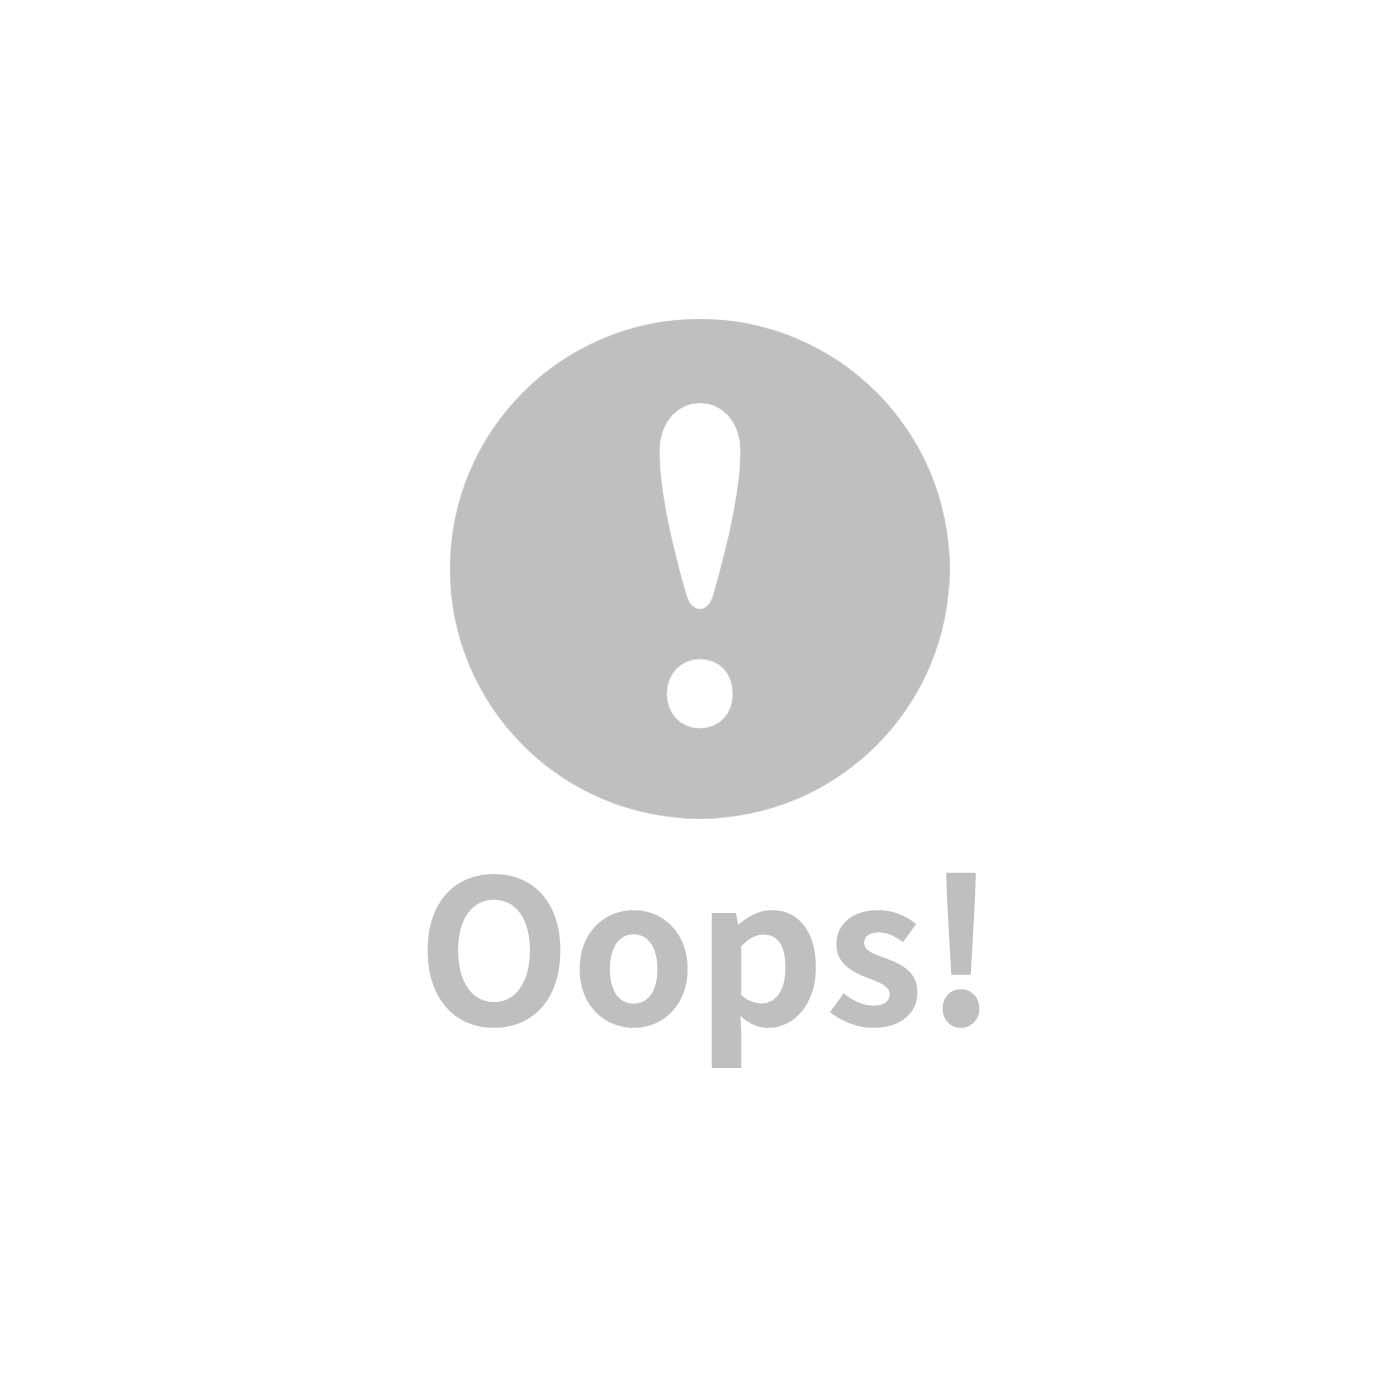 【2020限定聯名款】La Millou 竹纖涼感小童枕加大-30 cm x 50 cm (Hello Kitty貝殼公主篇)